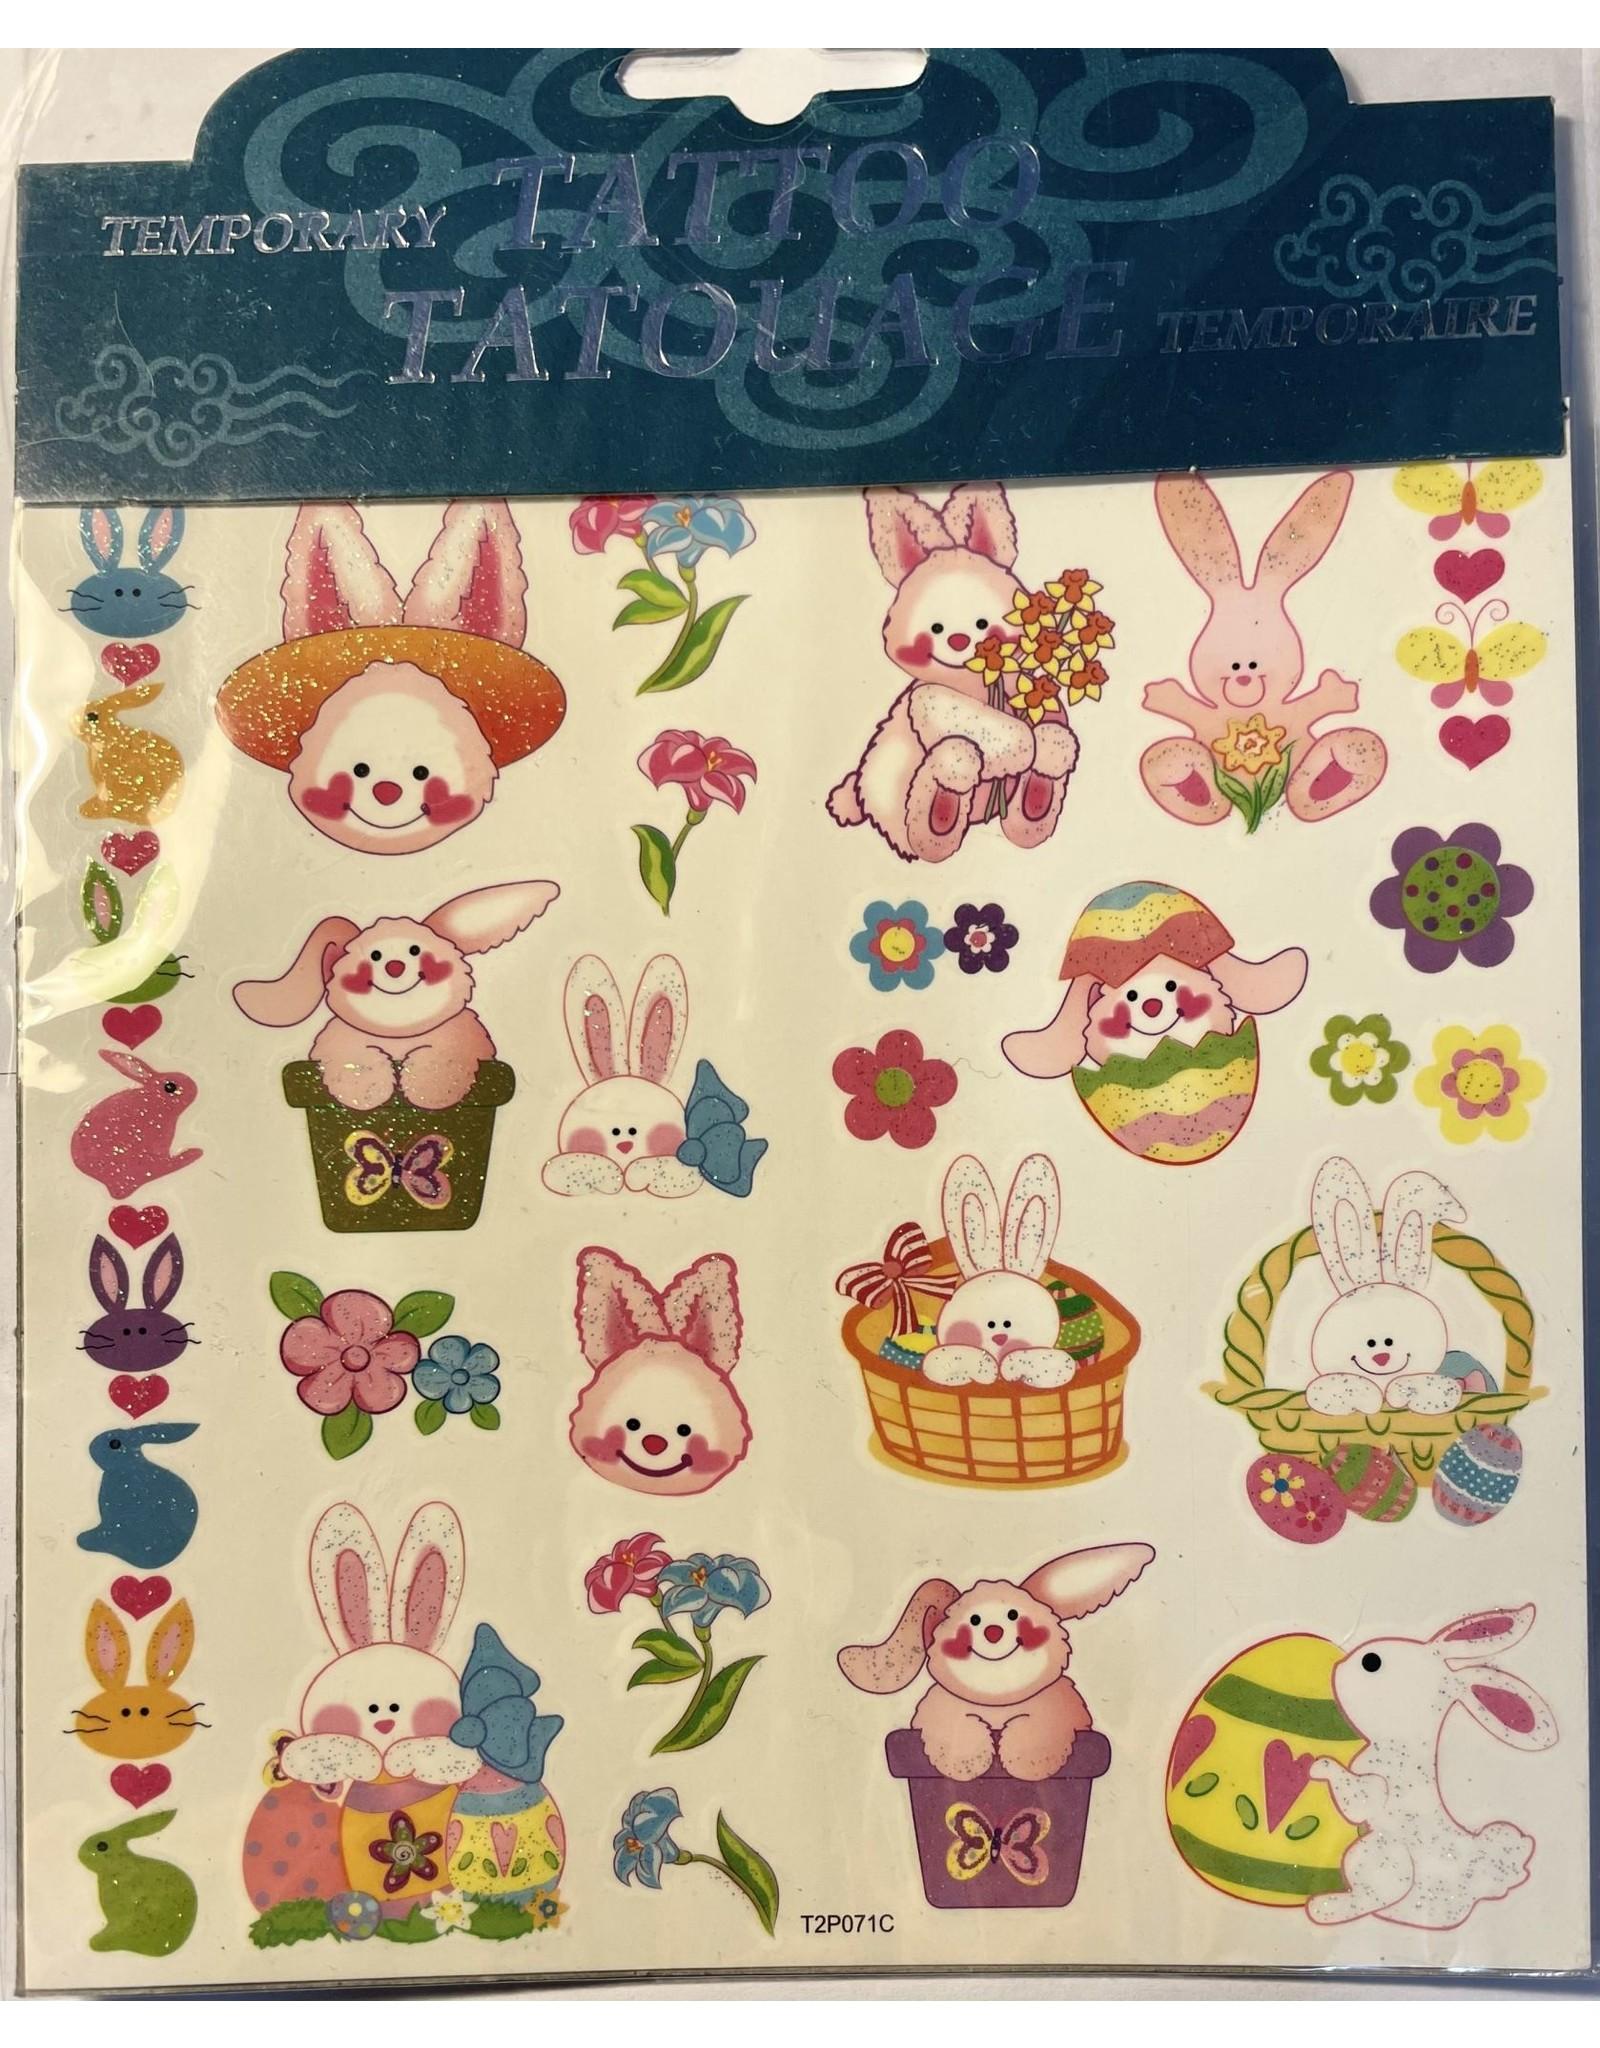 Handee Easter Tattoos Bunnies